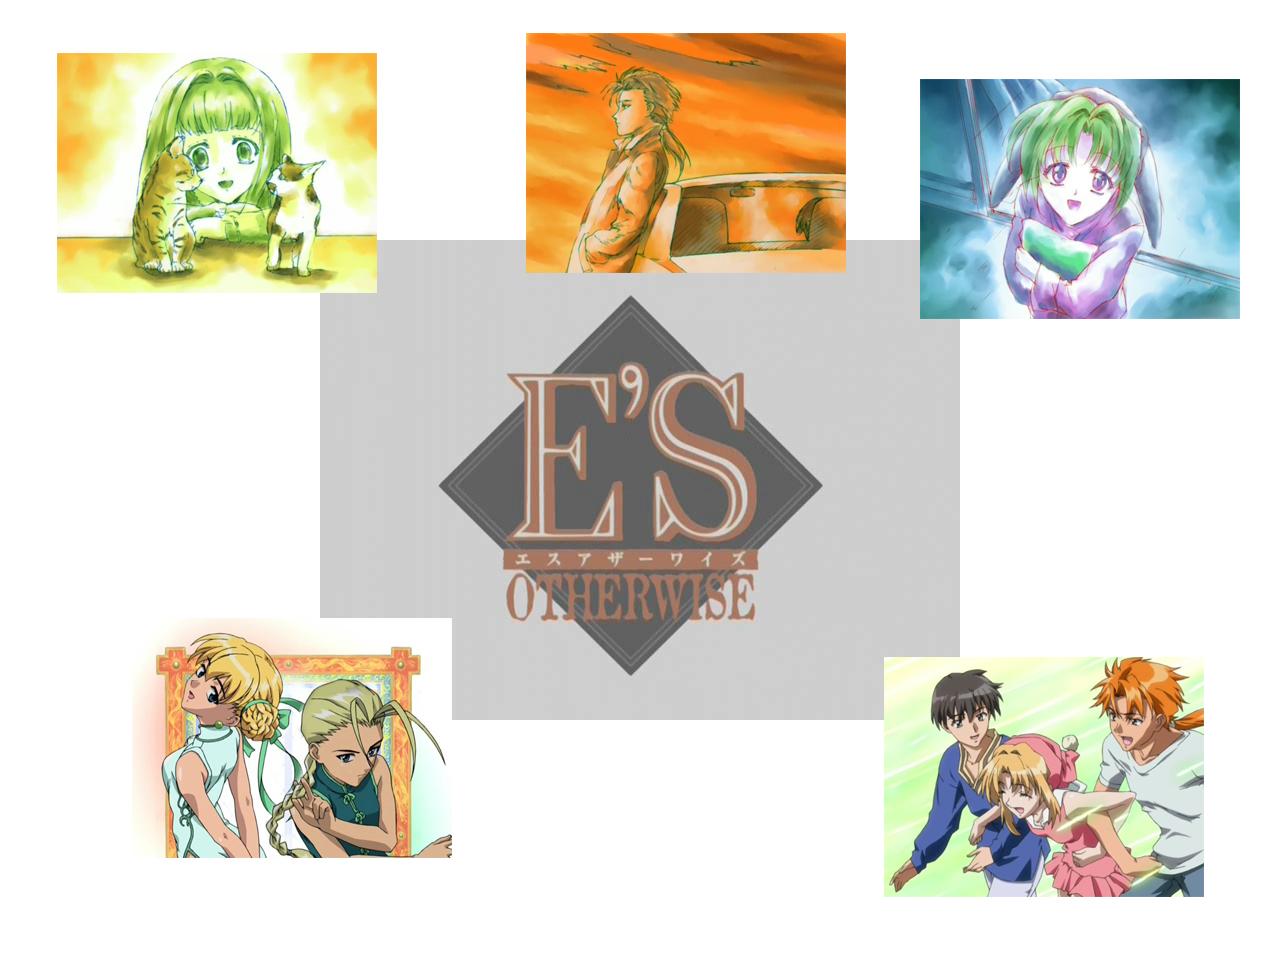 _アニメ DVD_ E'S OTHERWISE ノンテロップOPENING _640x480 WMV9__0001.jpg